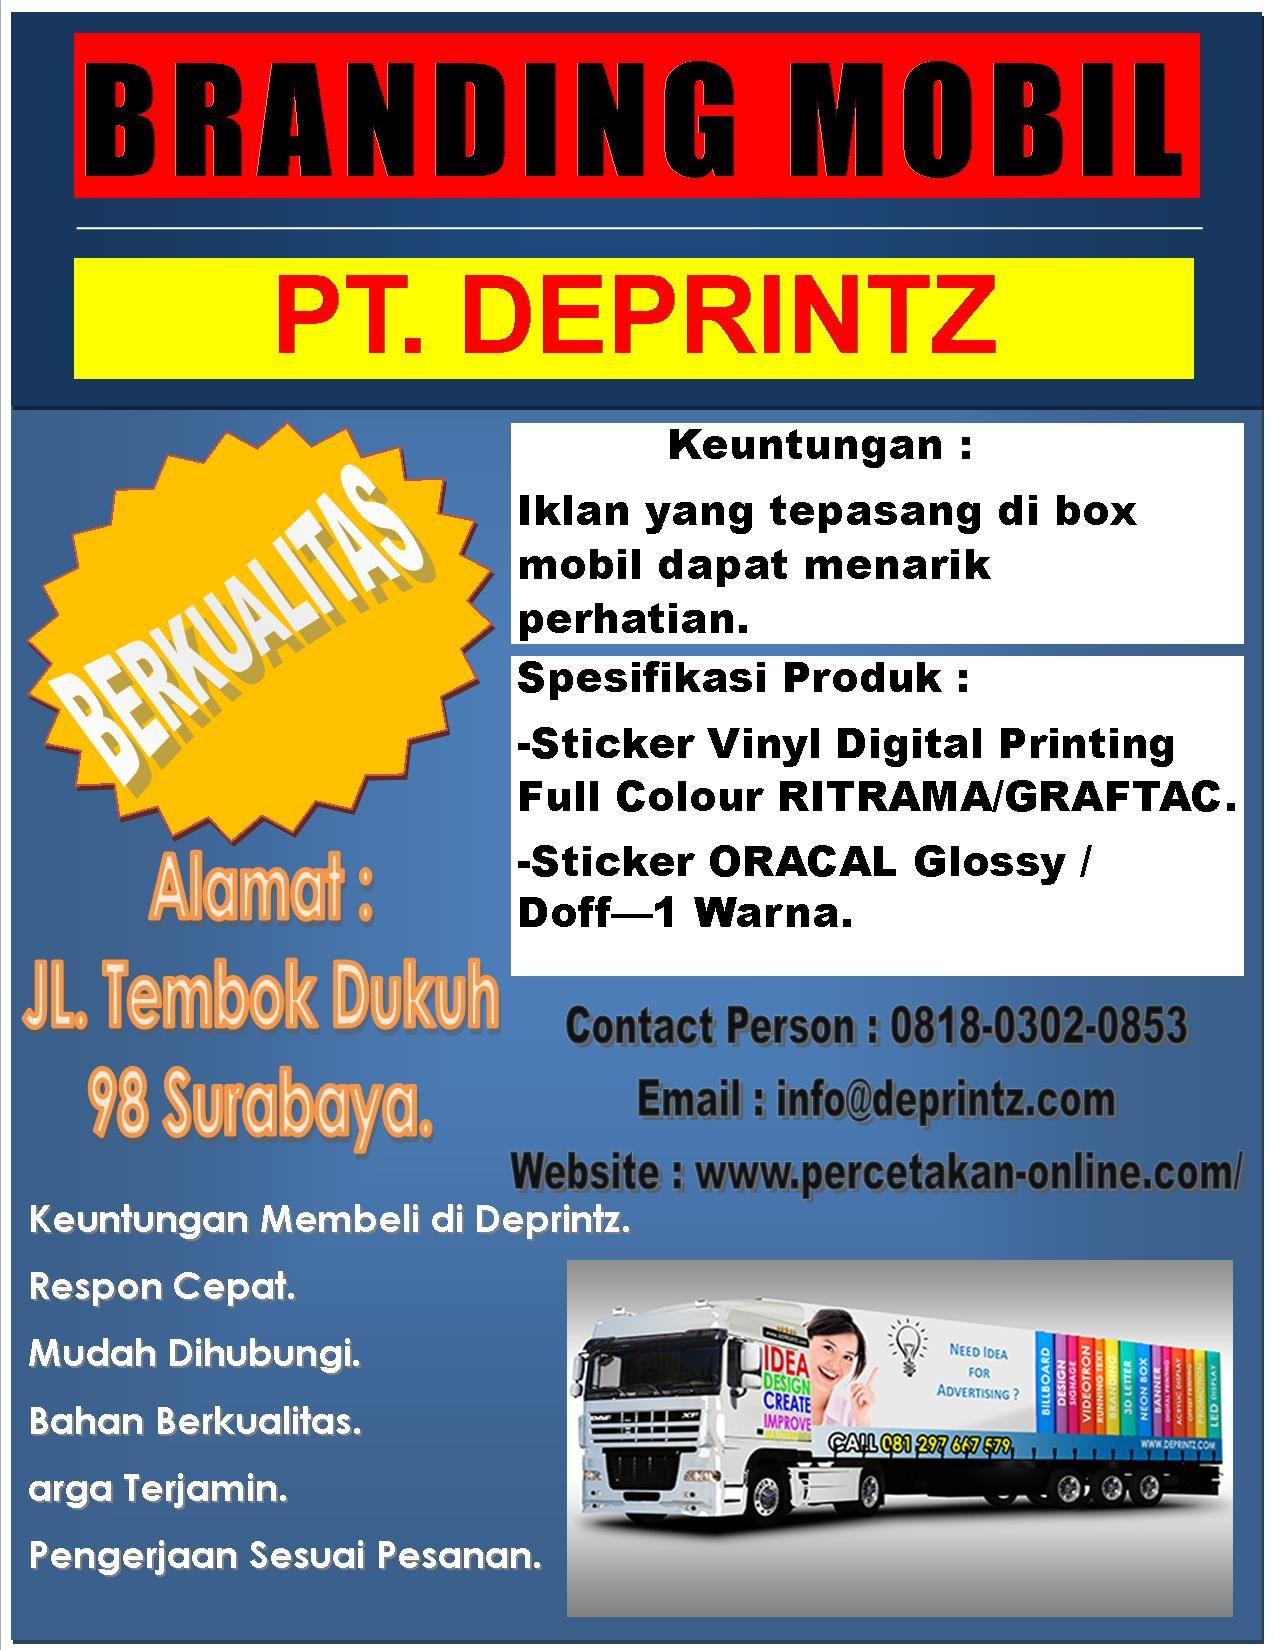 Call Wa 0818 0302 0853 Jasa Pembuatan Branding Mobil